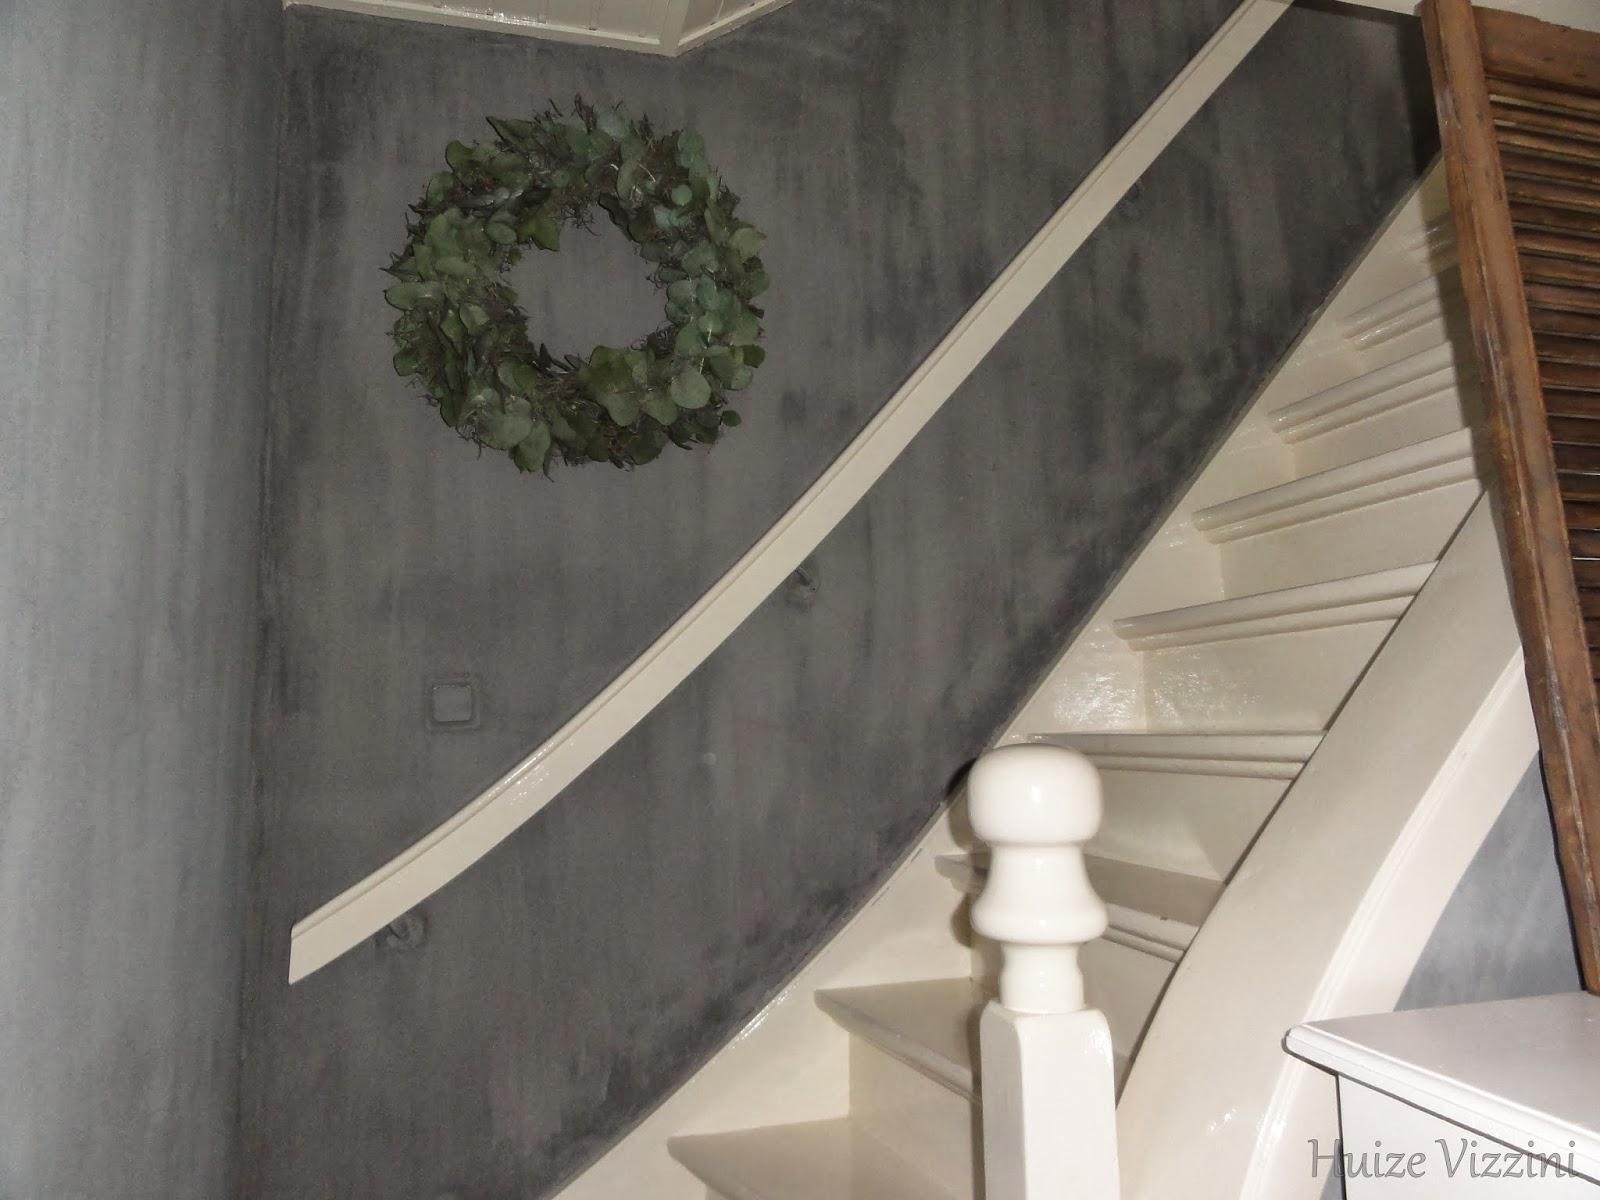 Robuuste sokkel betongrijs met stoere pot blikvanger in de hal potten vazen schalen - Decoratie interieur trap schilderij ...